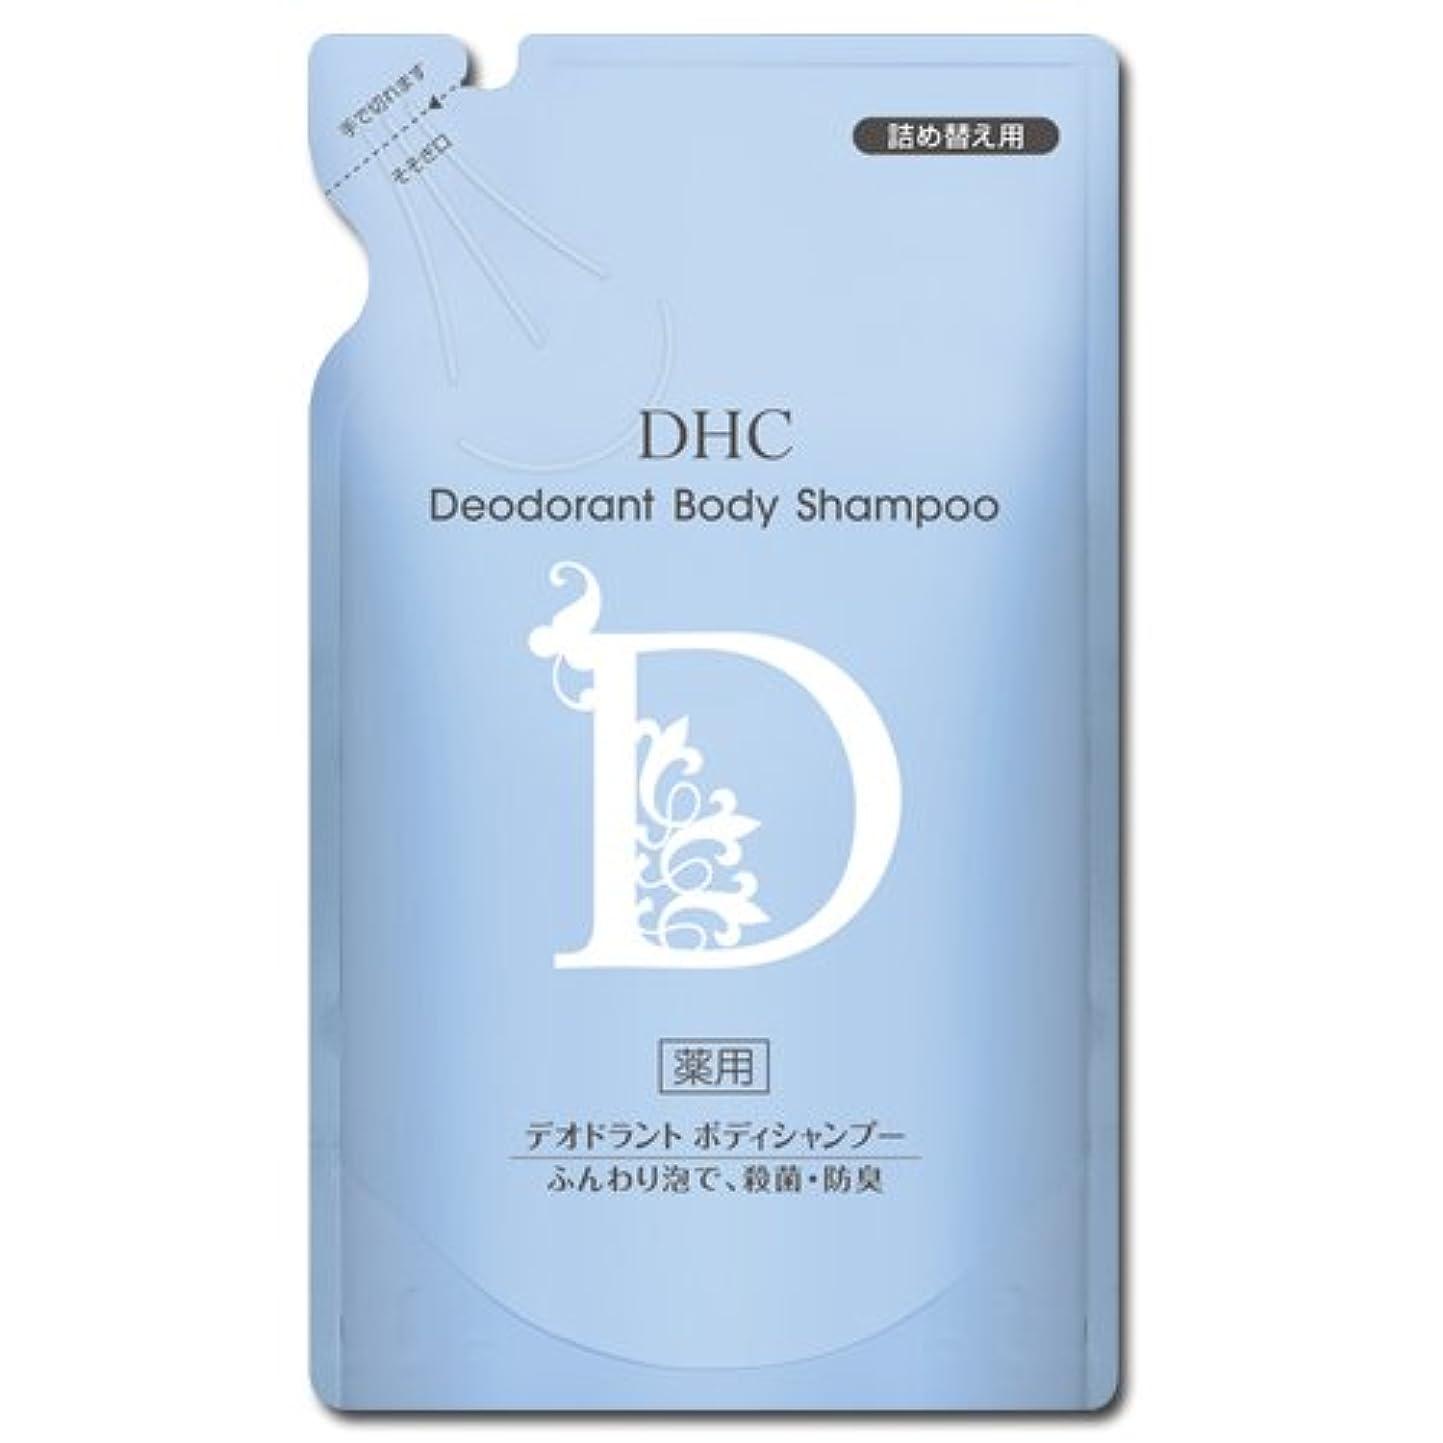 密度習慣殺人【医薬部外品】DHC薬用デオドラント ボディシャンプー 詰め替え用